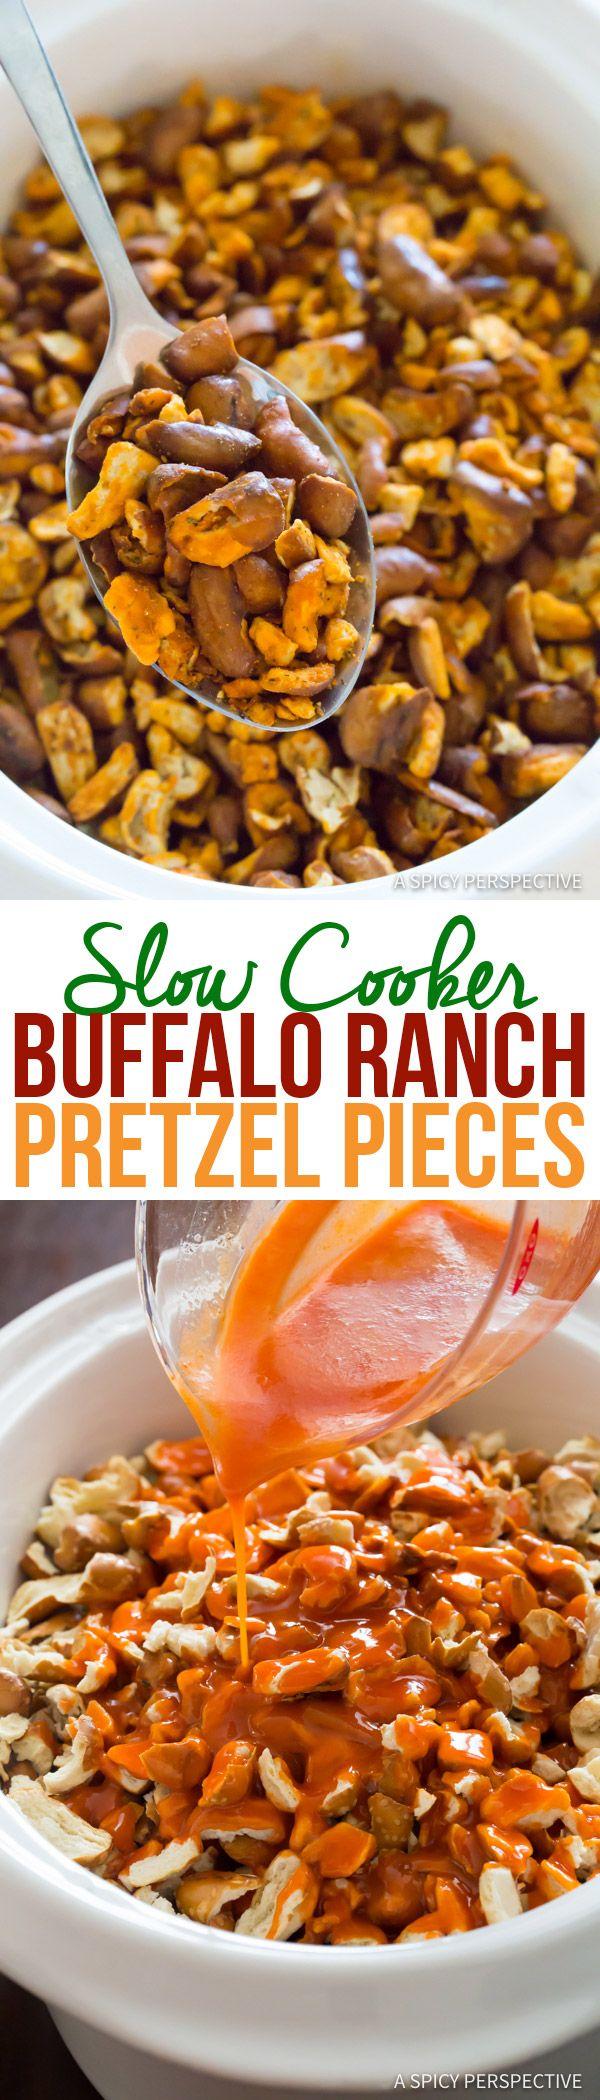 4-Ingredient Slow Cooker Buffalo Ranch Pretzel Pieces (+Oven Instructions) | ASpicyPerspective.com via @spicyperspectiv